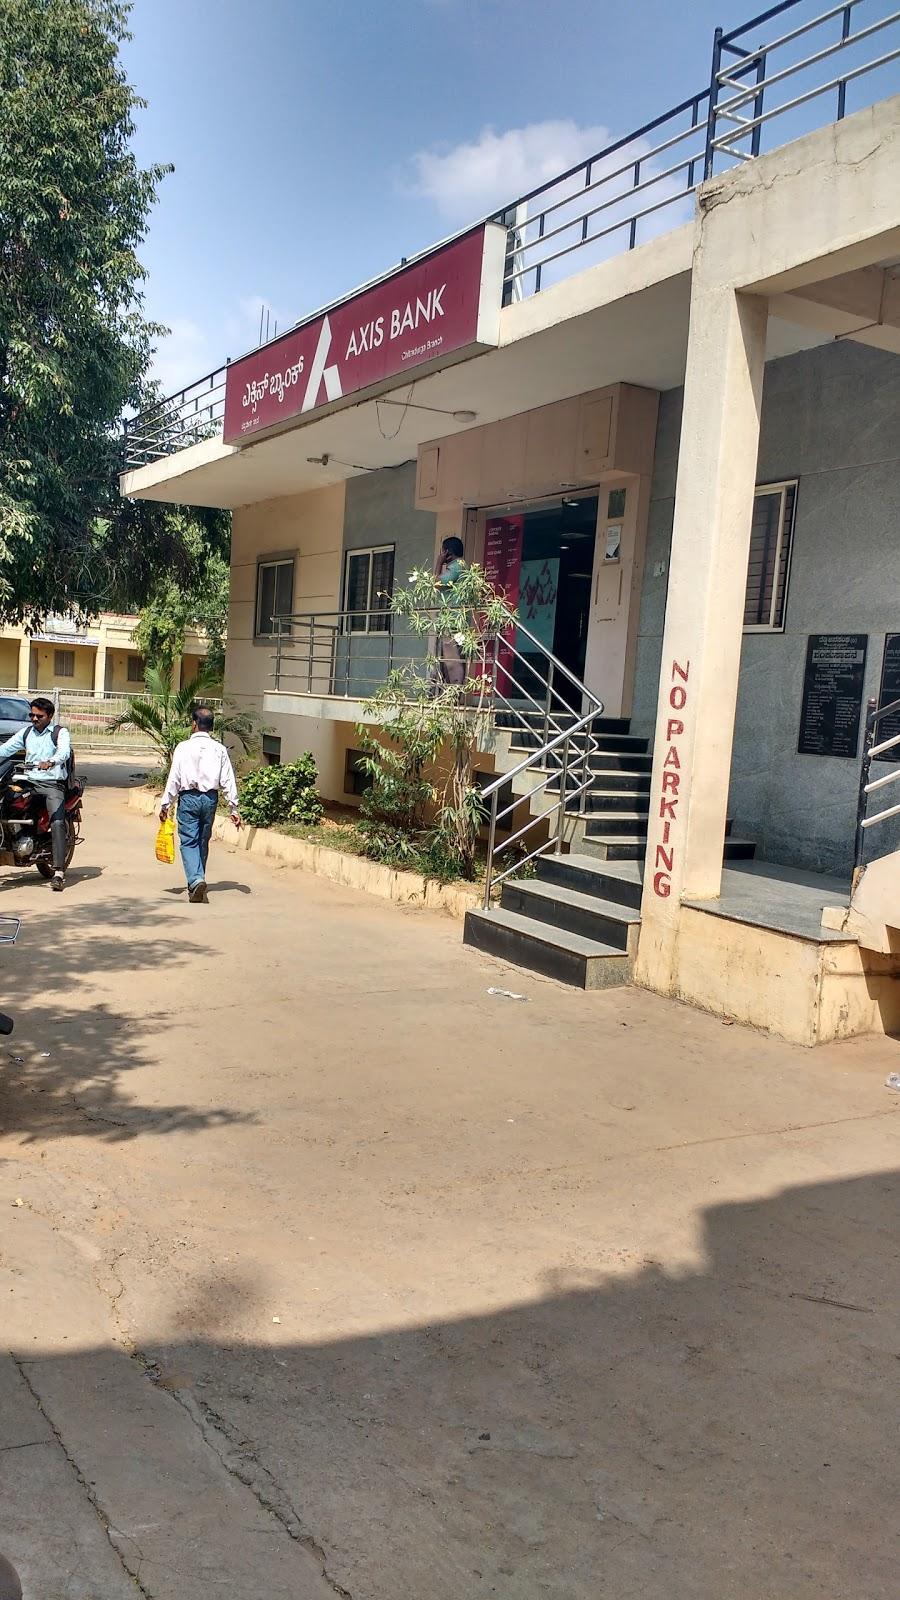 blood bank Axis Bank near Chitradurga Karnataka